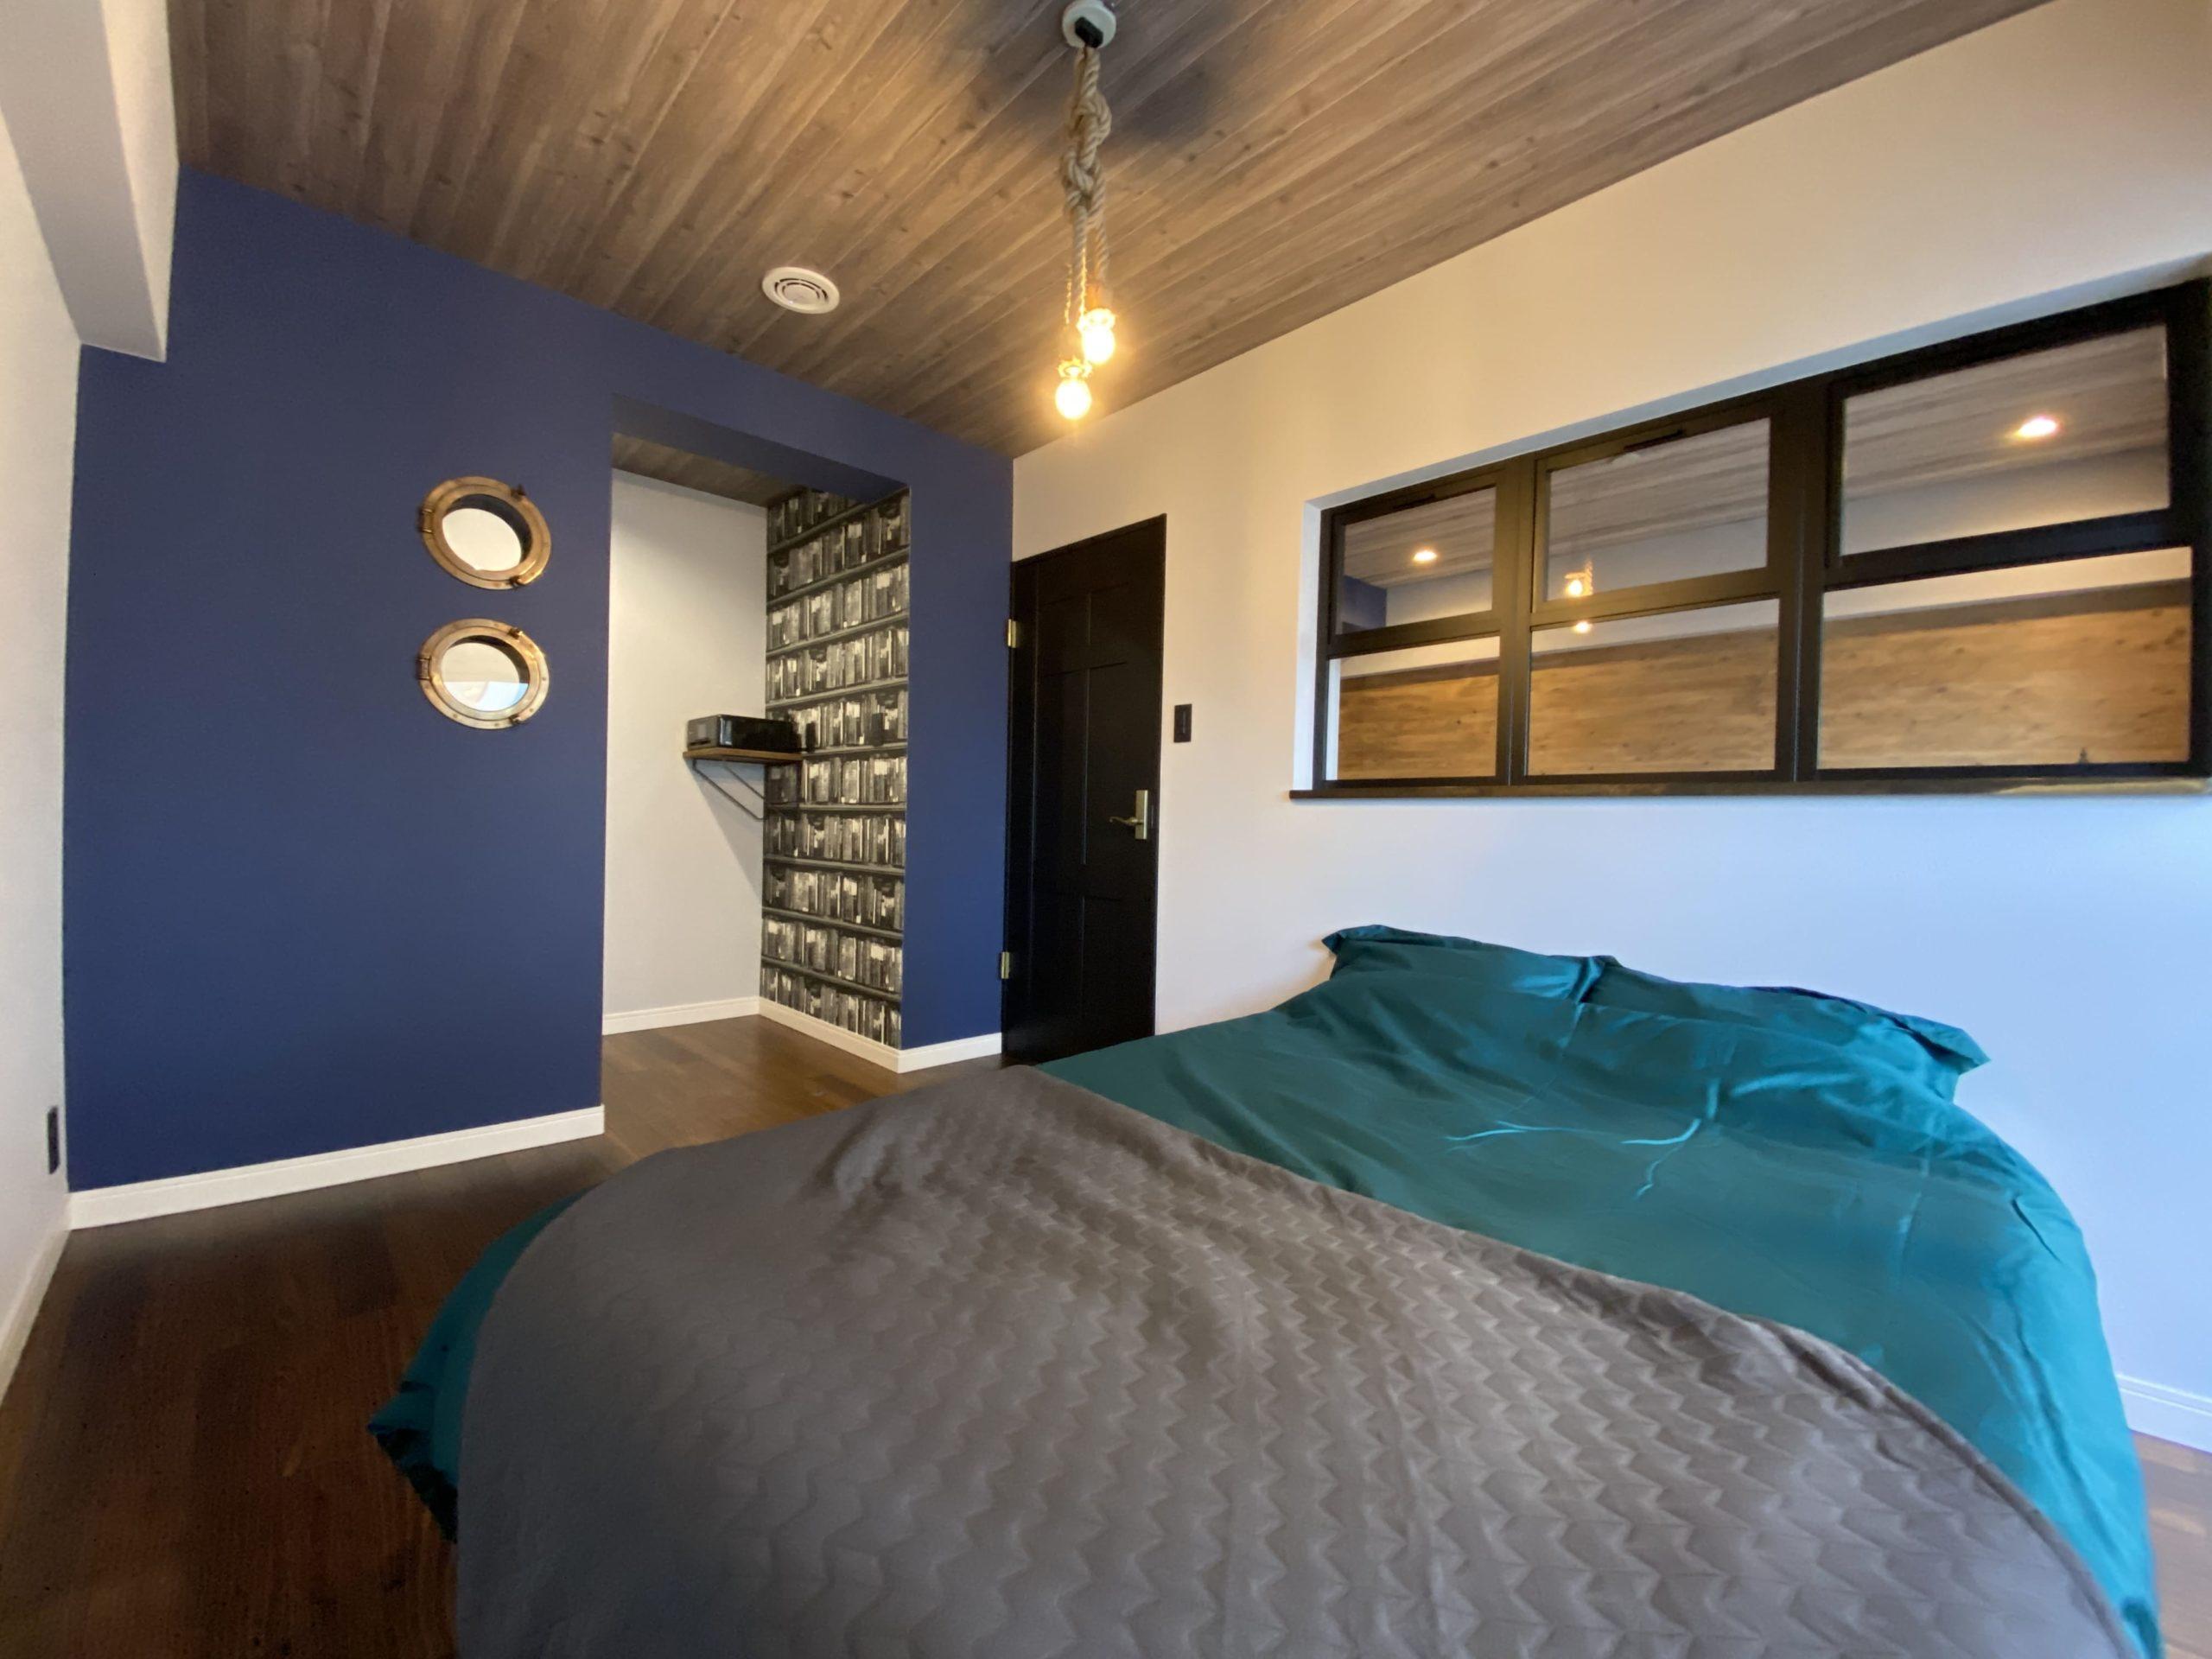 【明石市】海が見えるお部屋「ヴィンテージリゾート」明石アーバンライフ619号室。船室のような空間を演出する書斎の丸窓は他ではあまり見ない珍しいアイテム。